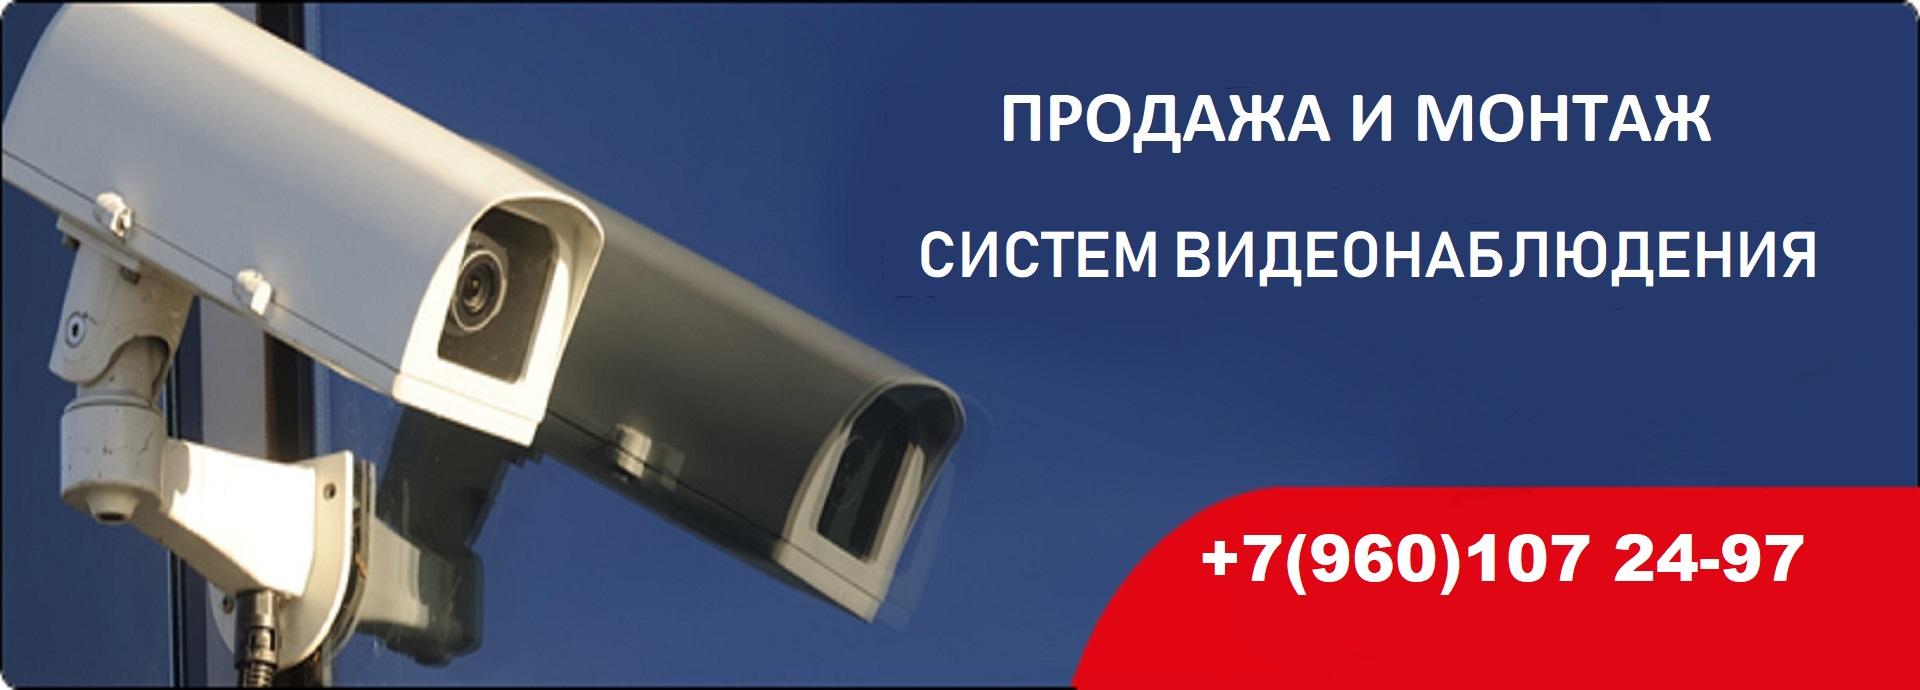 Магазин видеонаблюдения